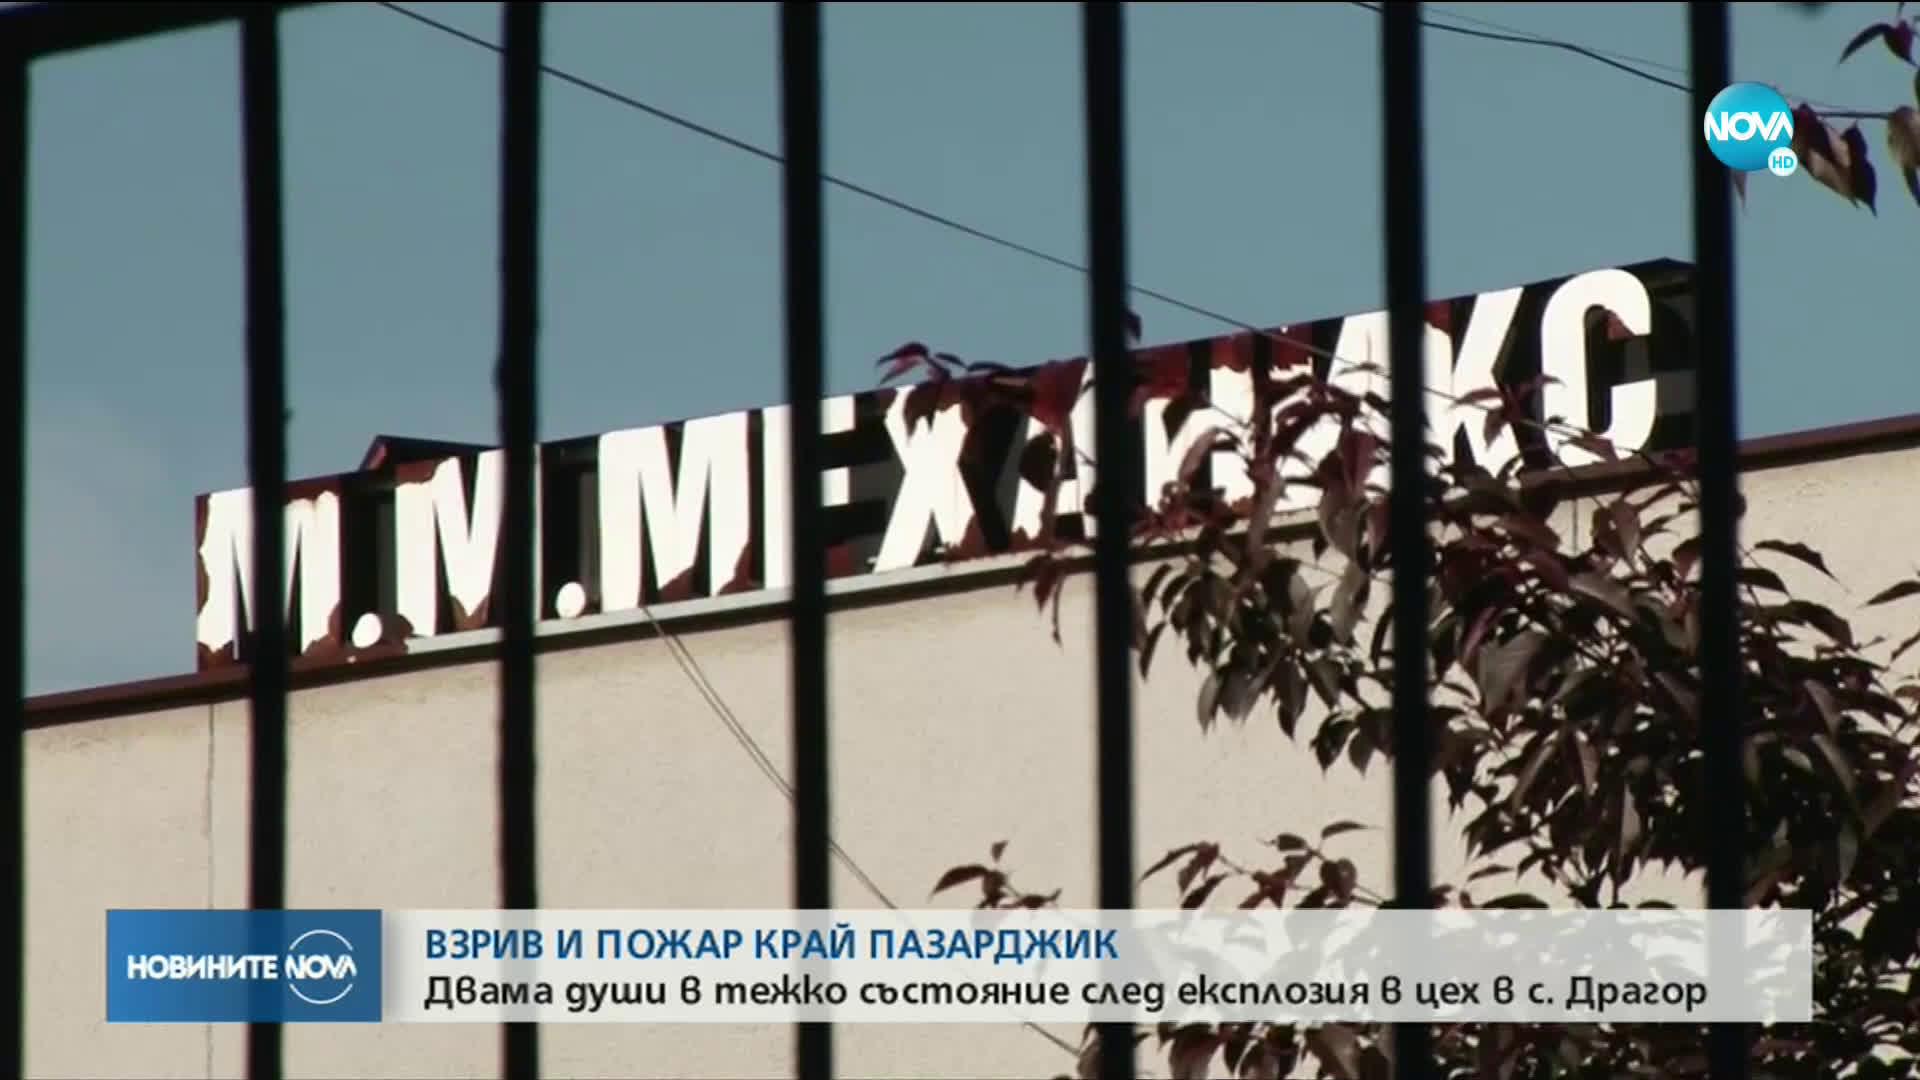 Двама в тежко състояние след взрив и пожар в завод край Пазарджик